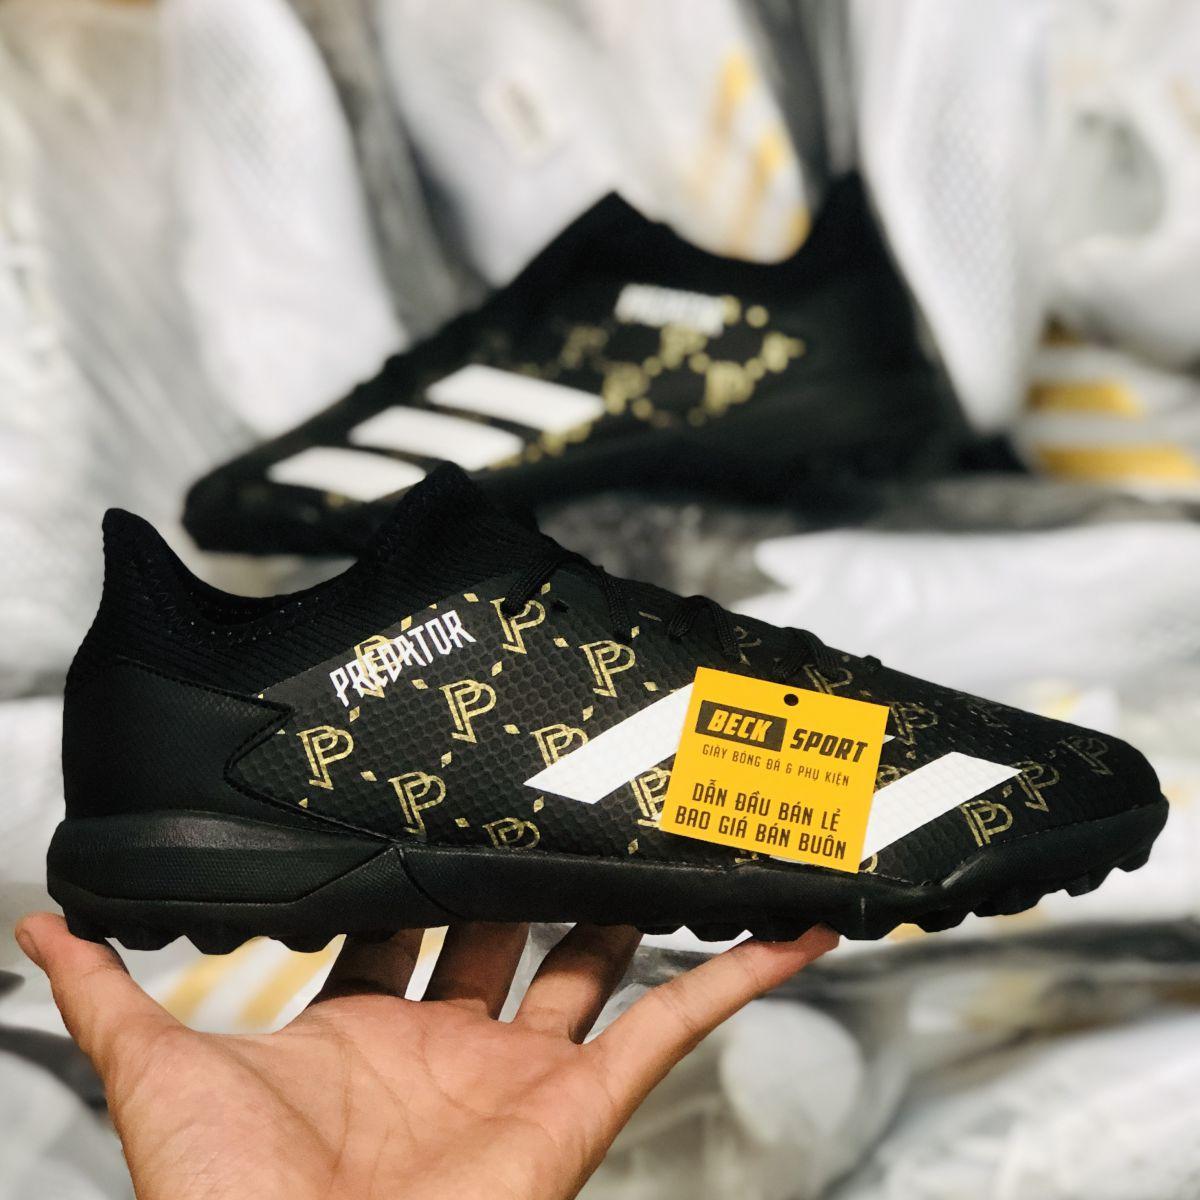 Giày Bóng Đá Adidas Predator 20.3 Pogba Đen Vàng Vạch Trắng Cổ Lửng TF